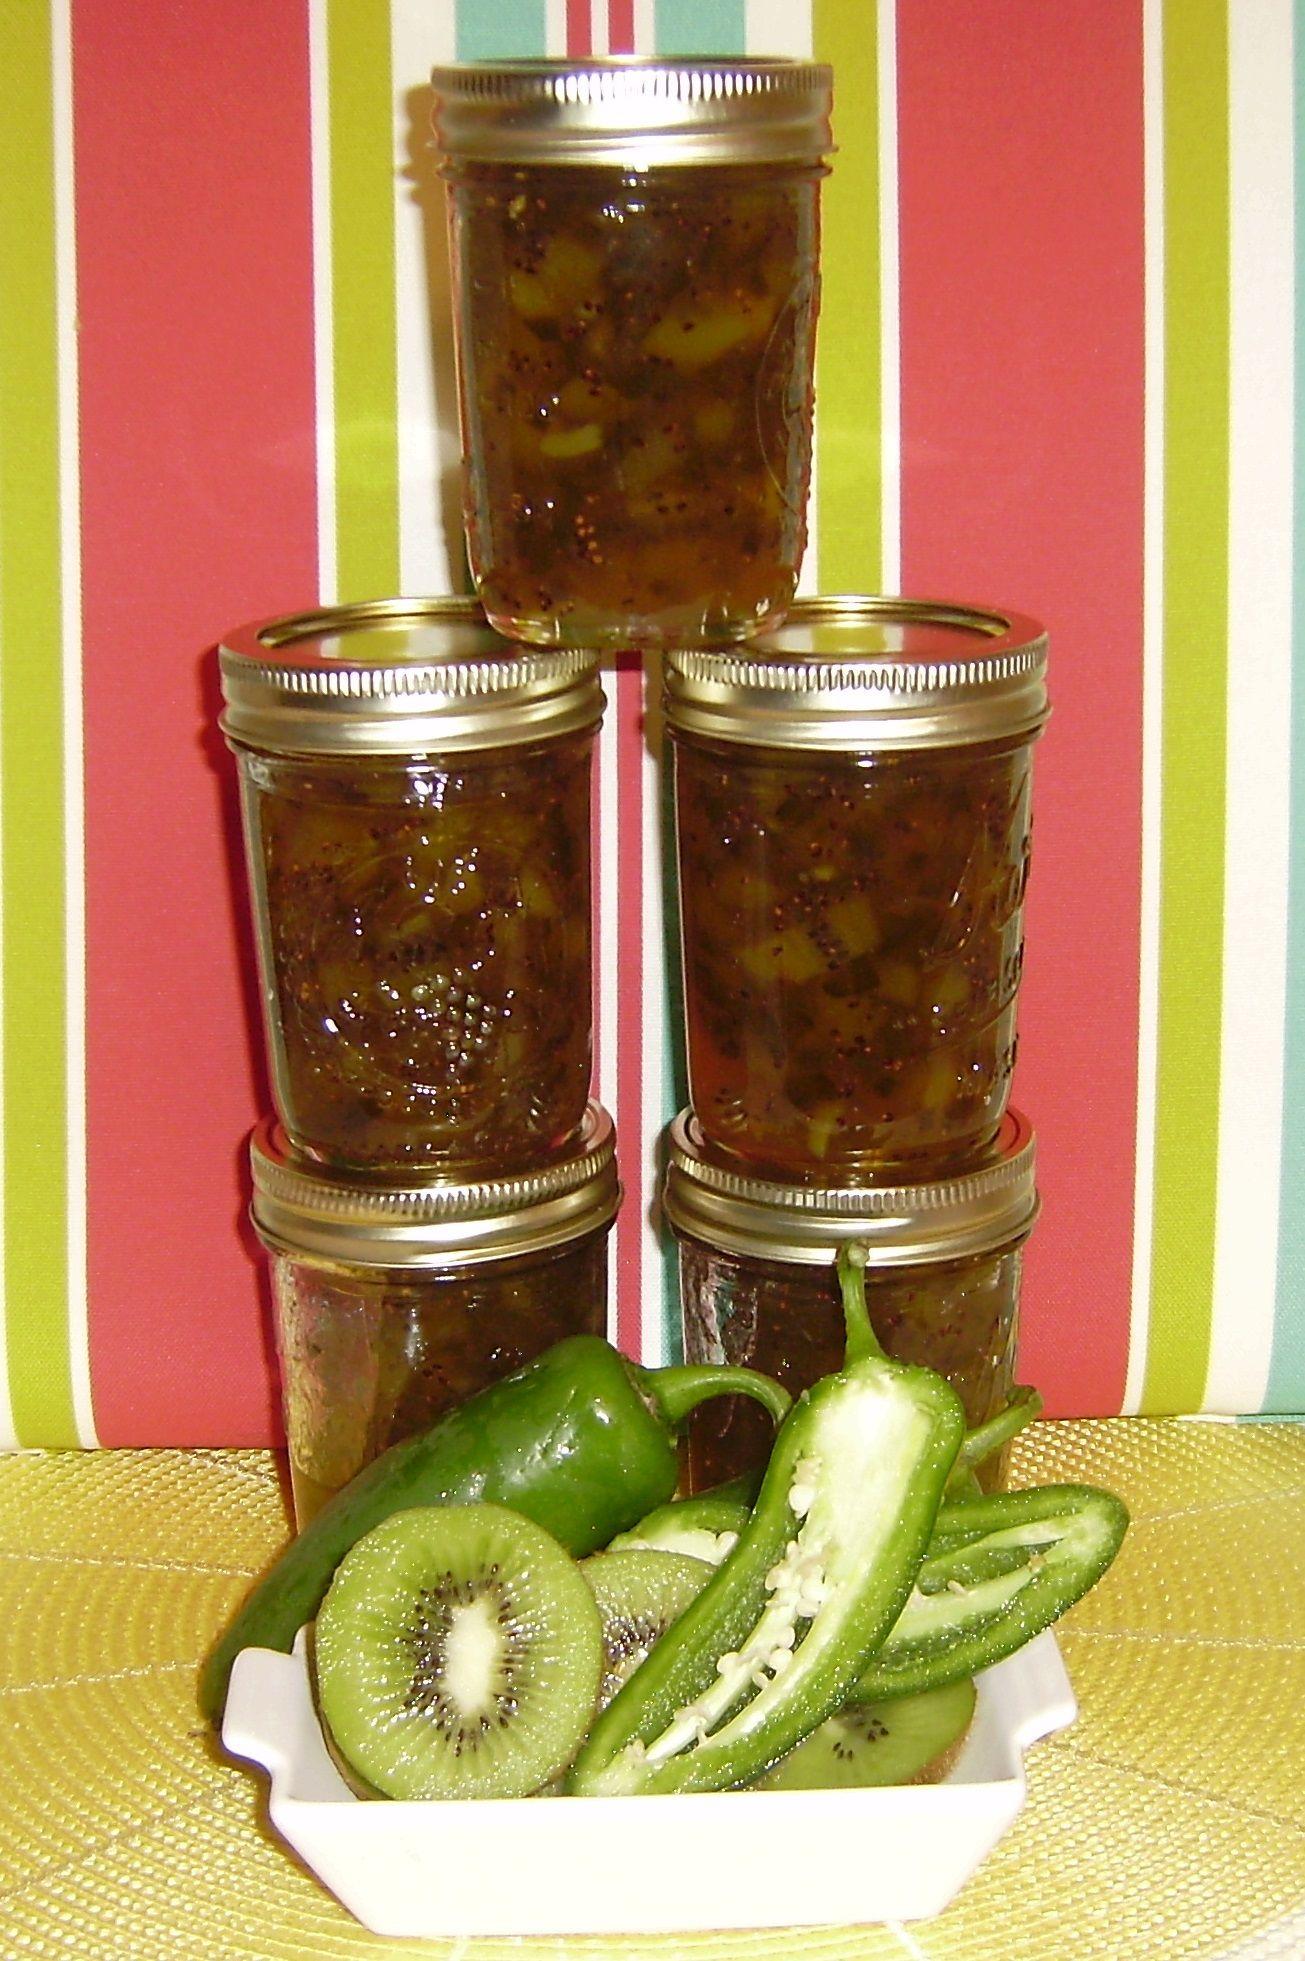 JalapenoKiwi Jam Kiwi jam, Canning, Canned